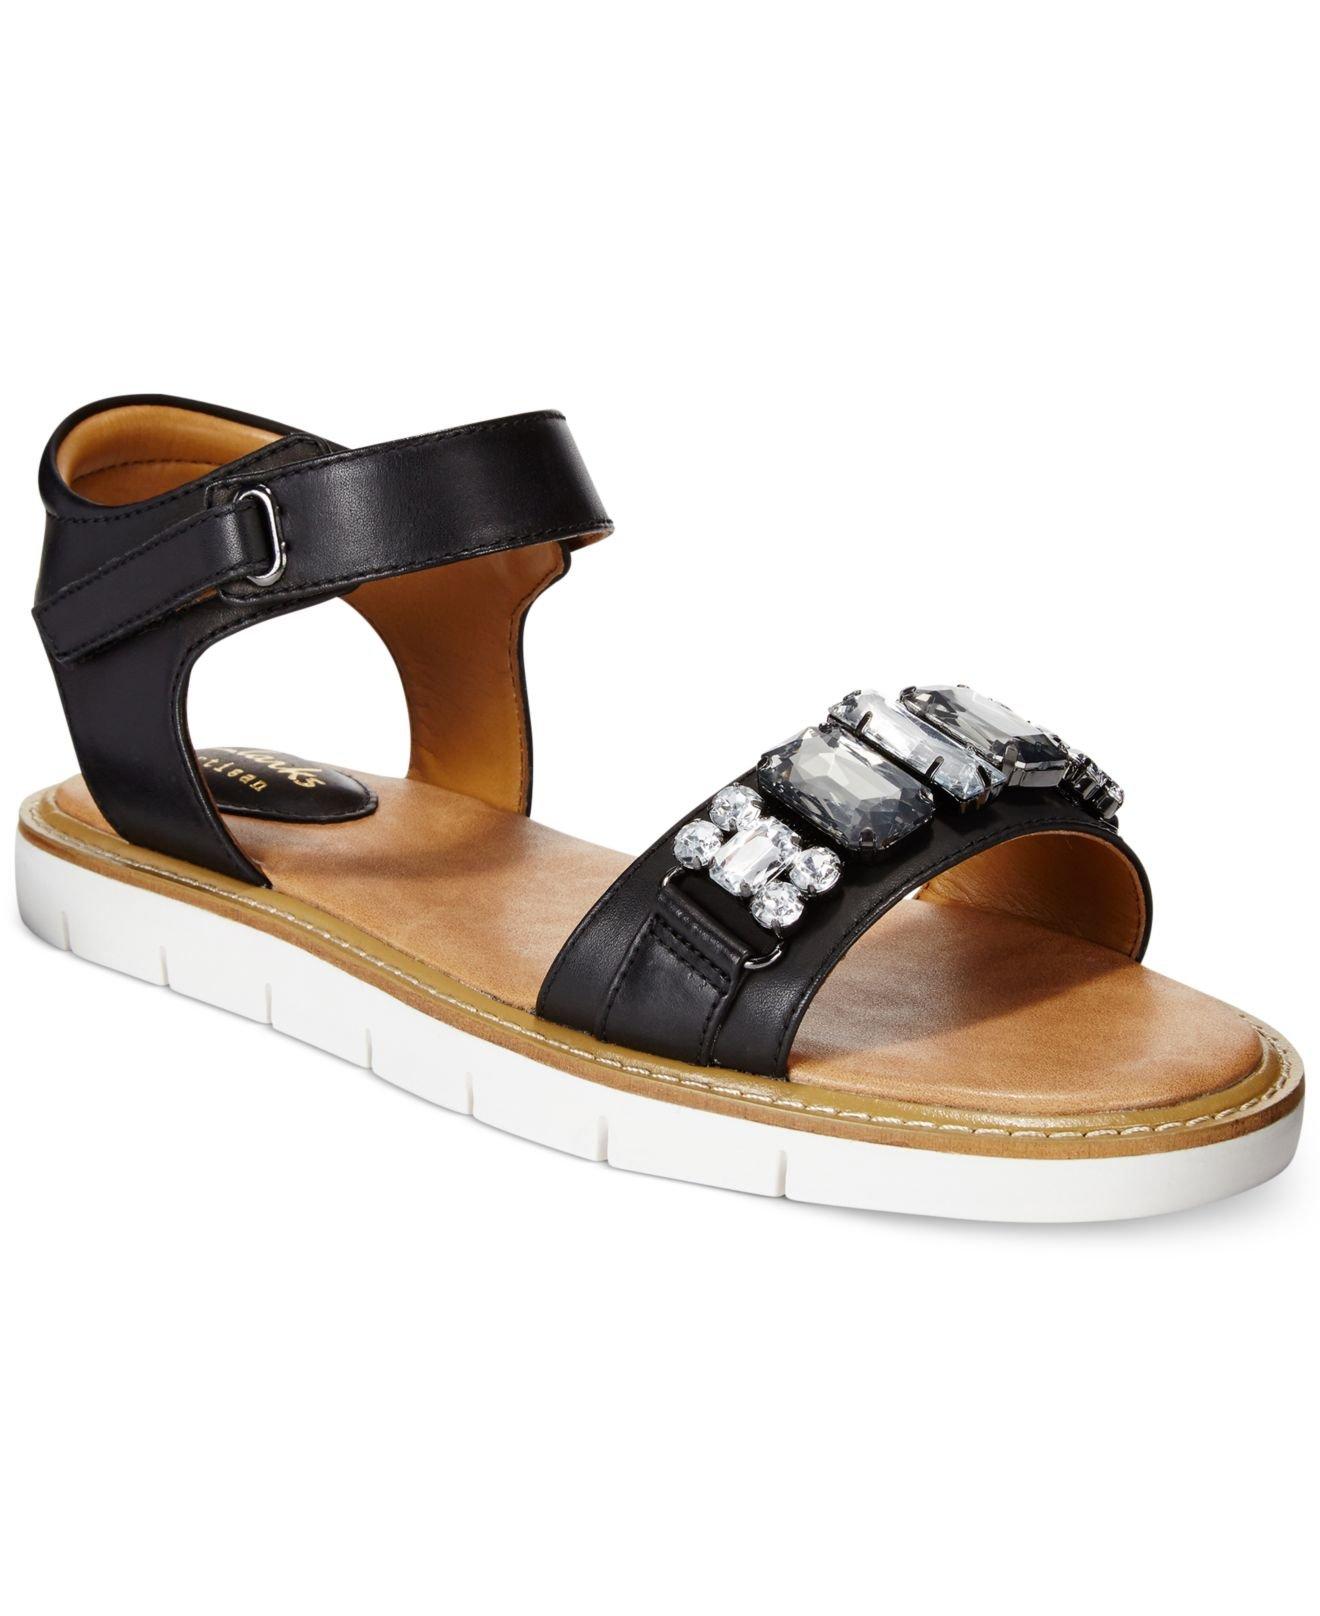 Innovative Clarks Lexi Bark Slide Sandal For Women | Allseasonchic